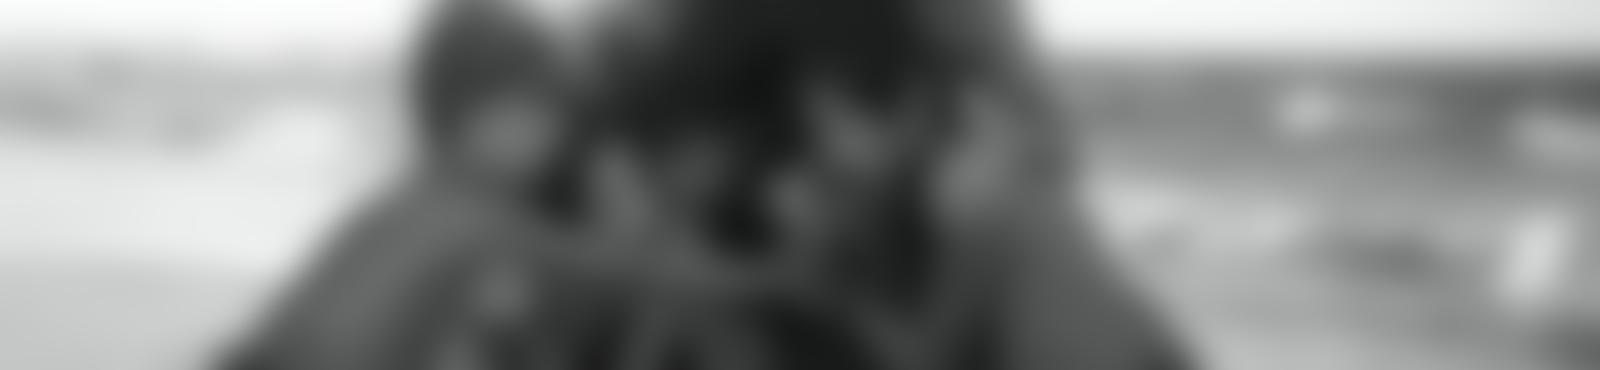 Blurred bf1c2054 63ed 4385 98e9 a8d38288b201